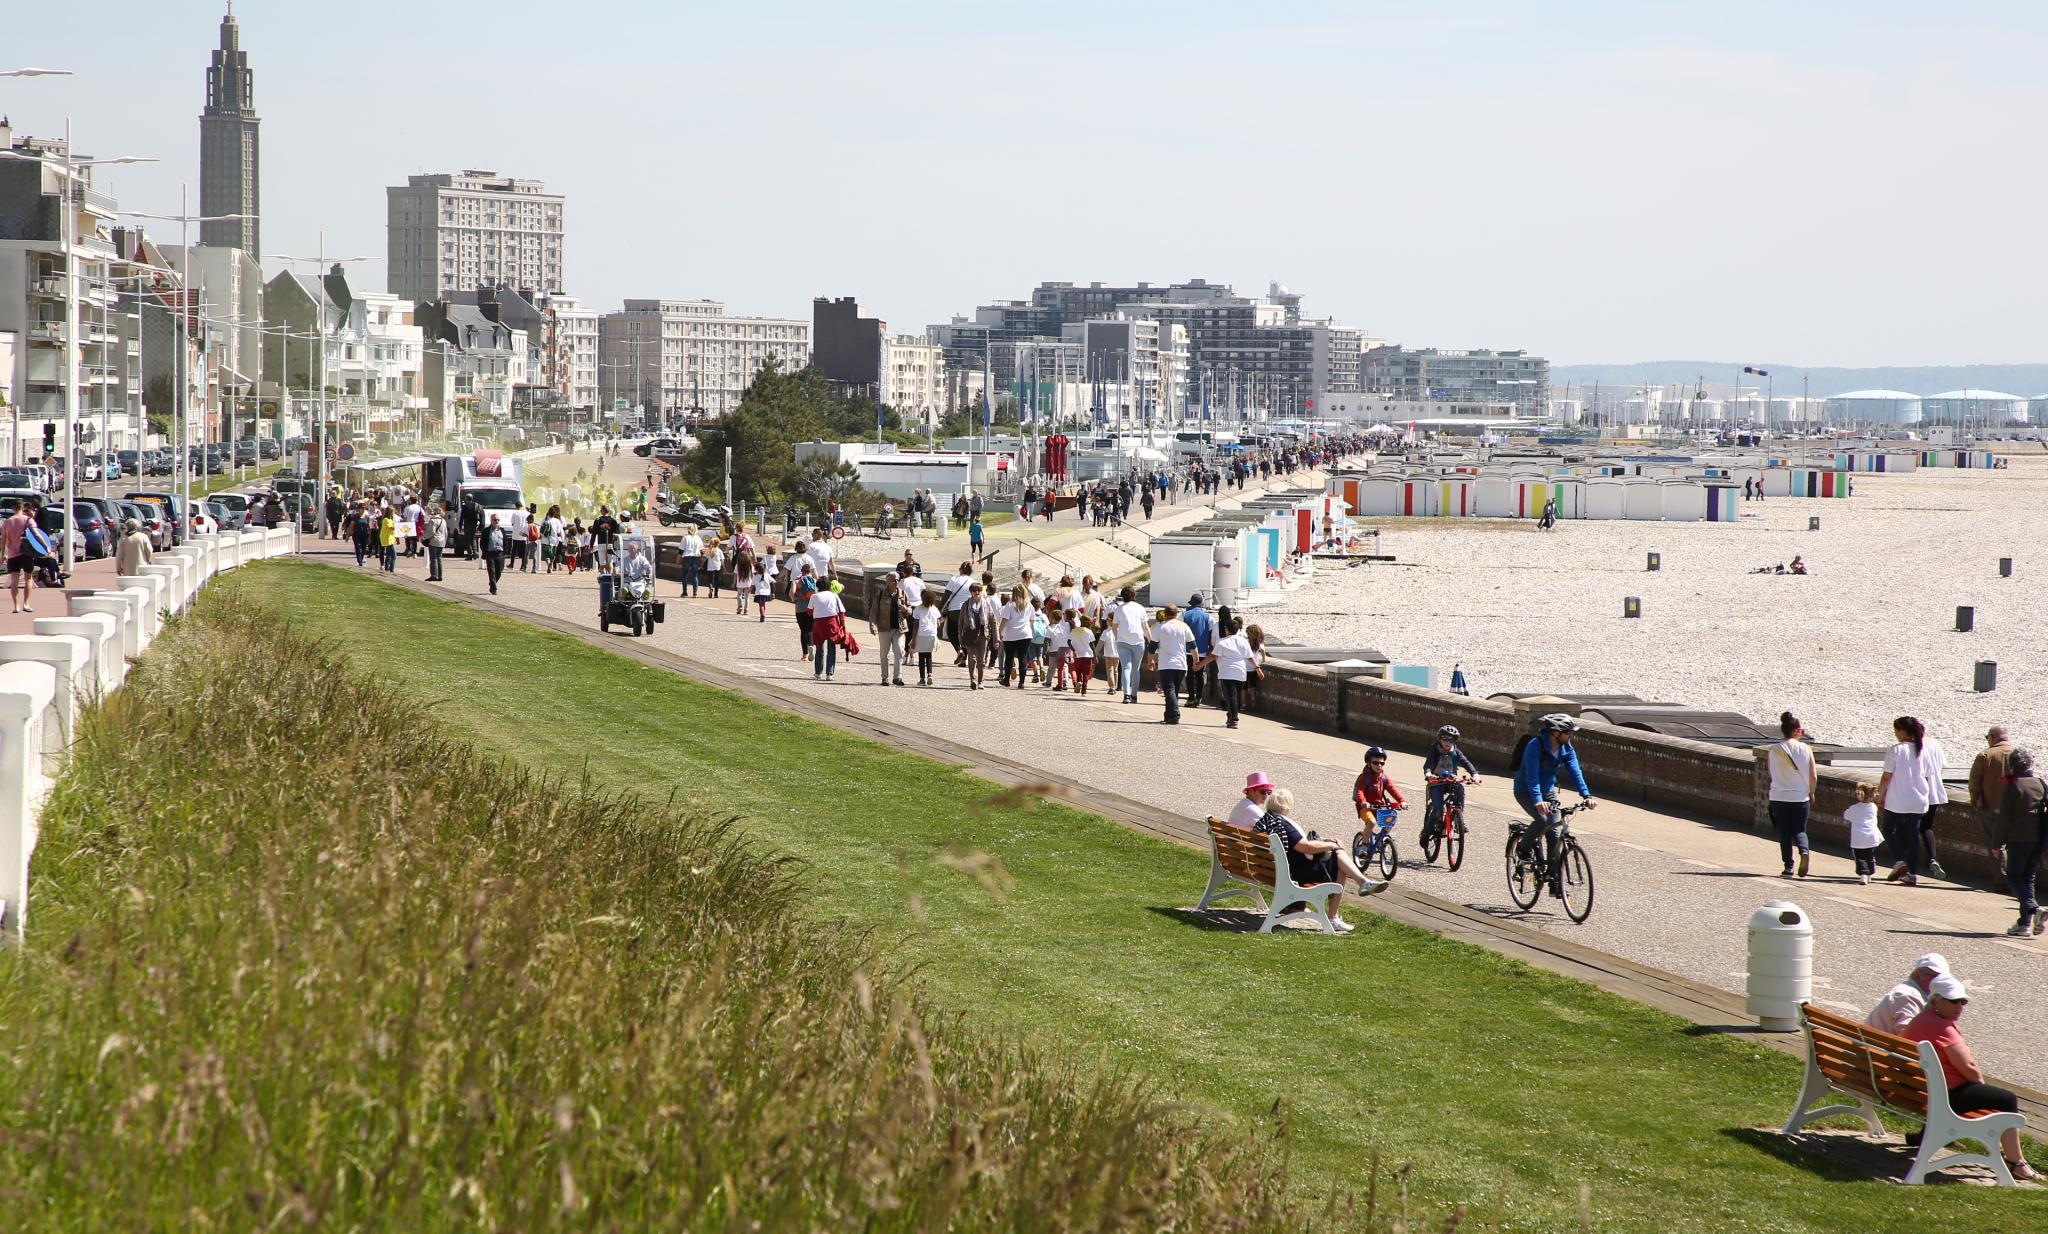 La plage, 2 km de promenade